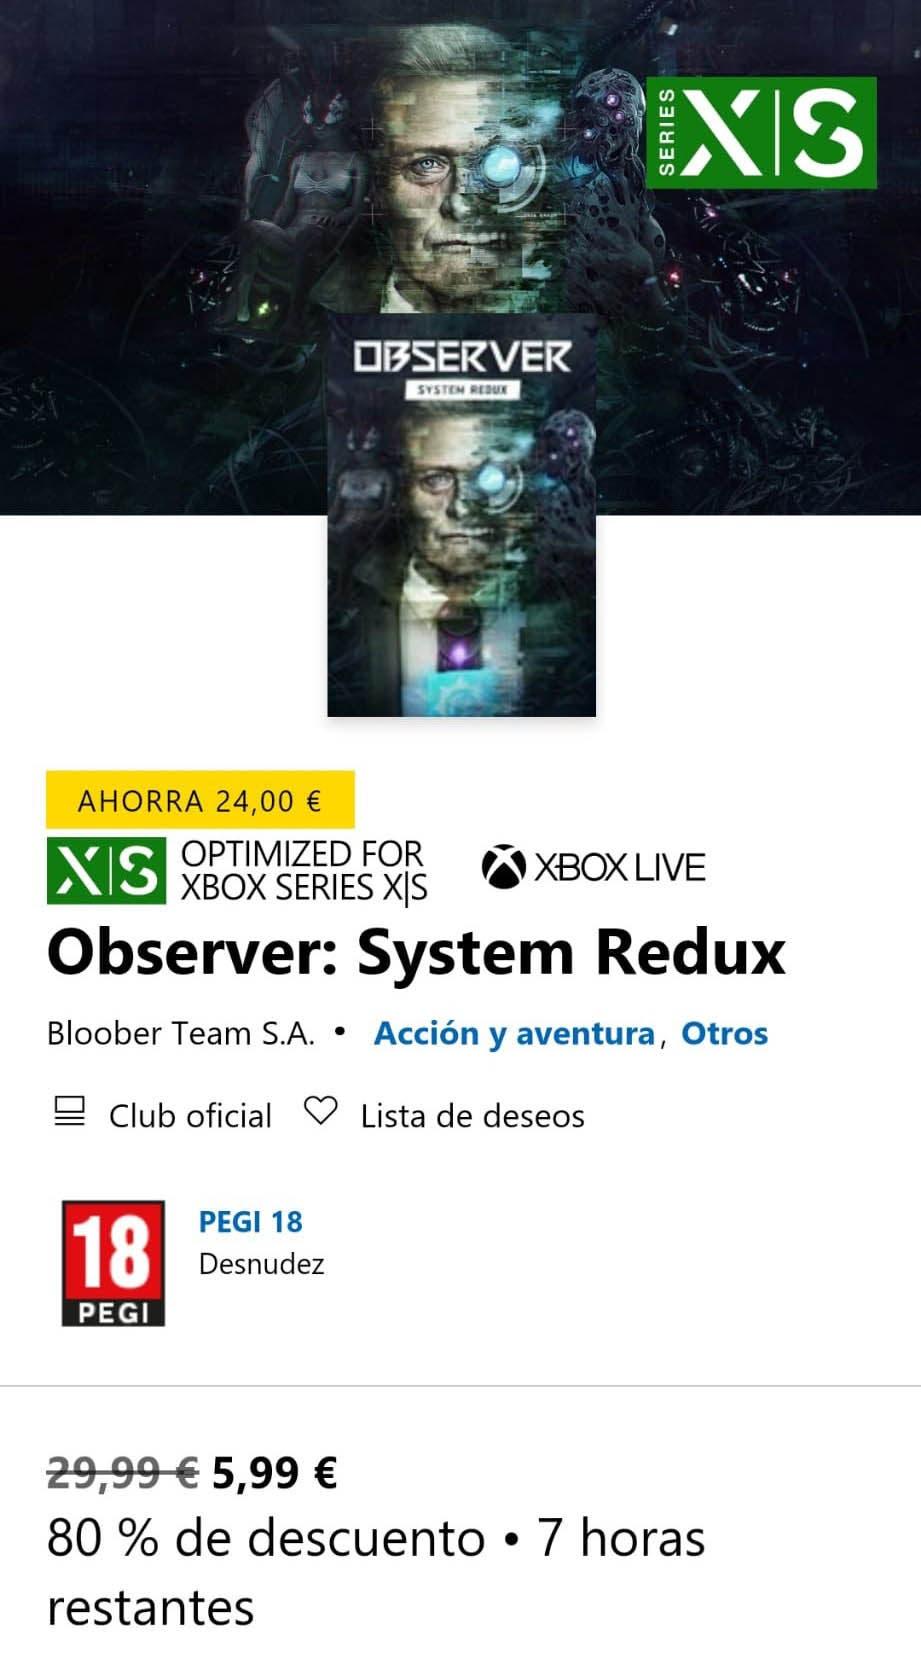 Consigue Observer: System Redux en Xbox Series X|S con un 80% de descuento hasta el 20 de octubre 1